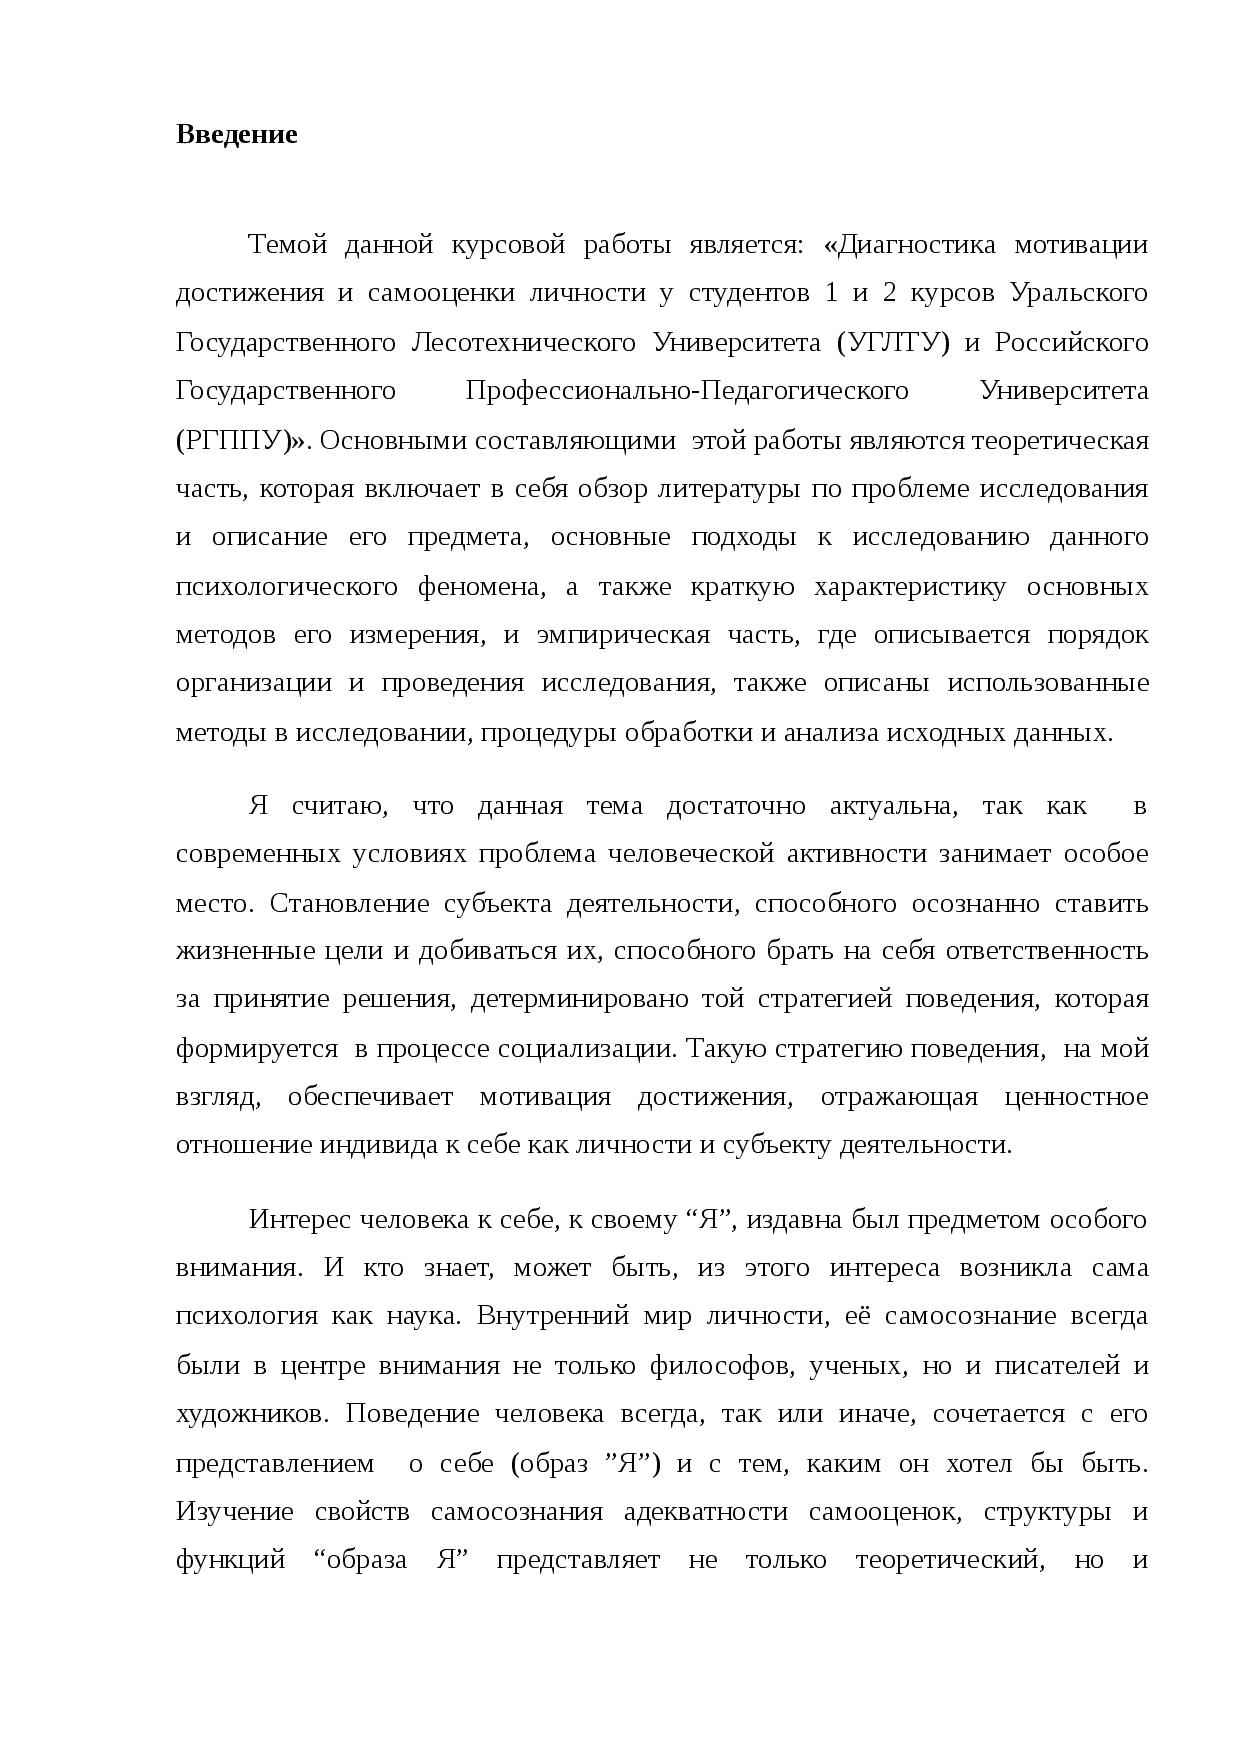 """Научно-исследовательская работа по психологии """"самооценка личности"""""""